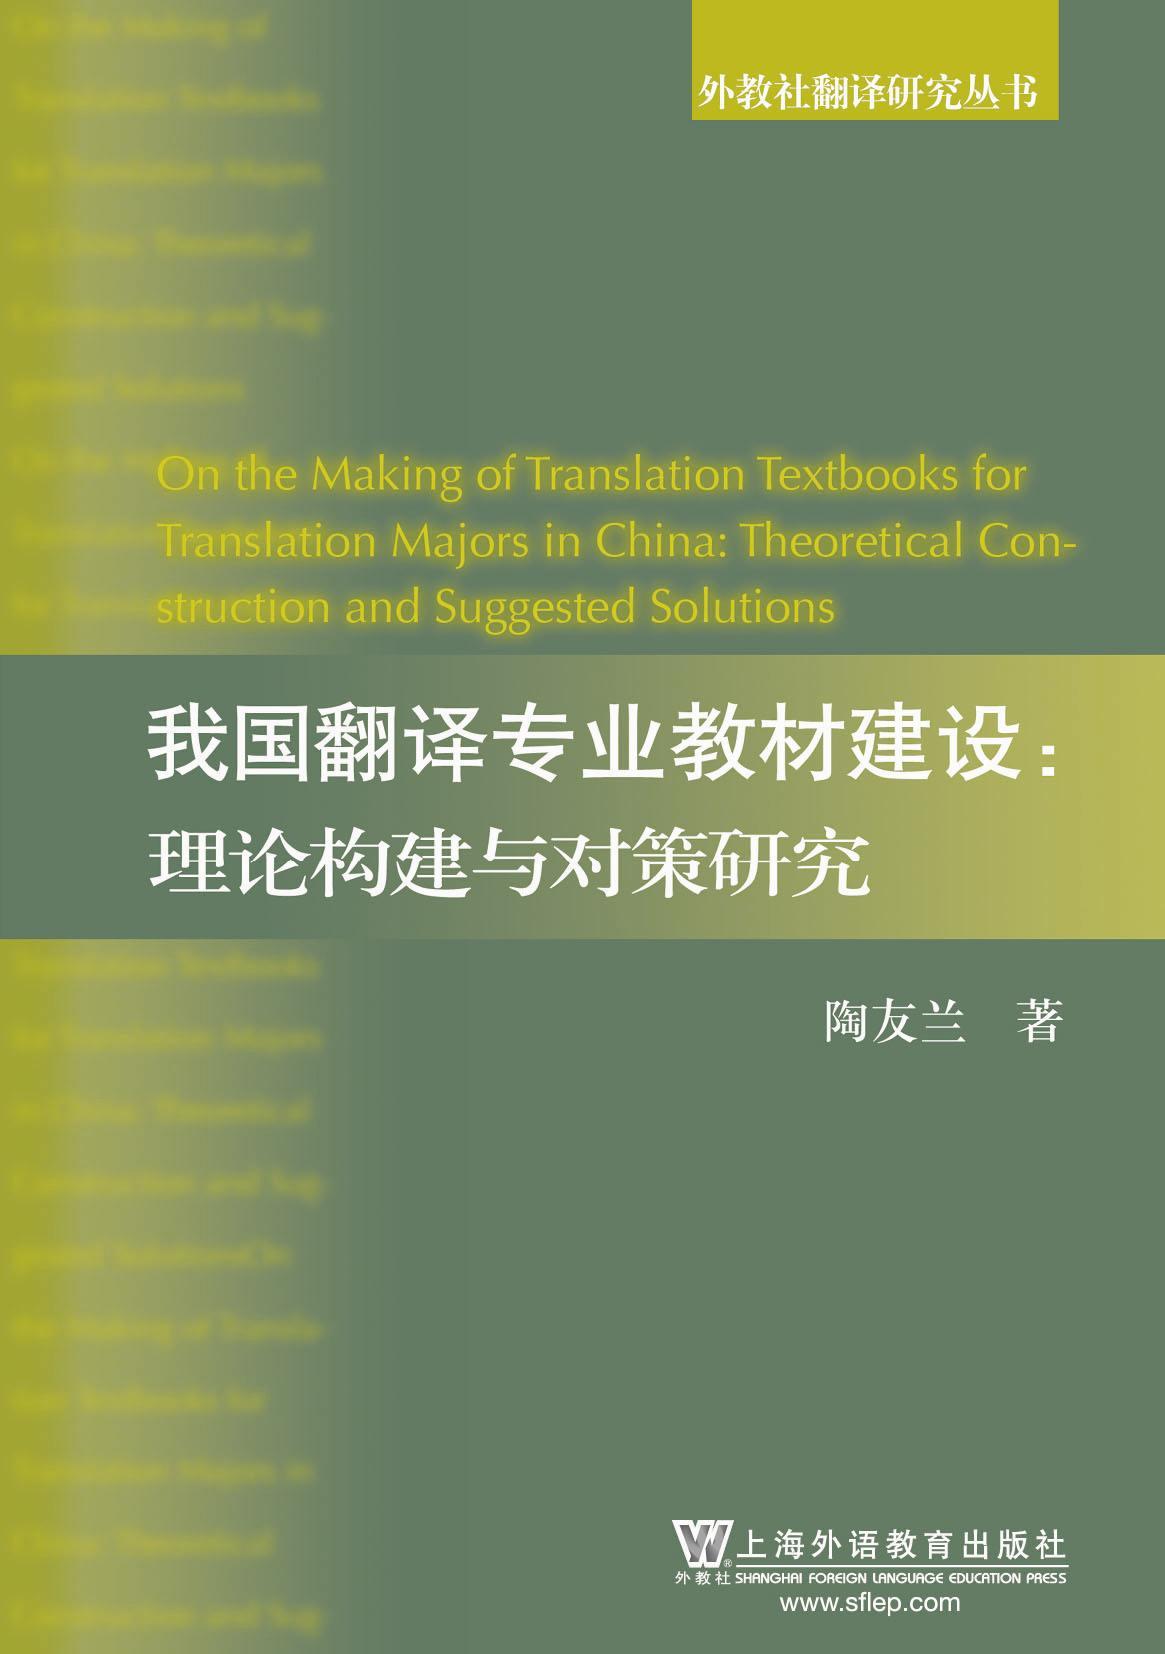 外教社翻译研究丛书:我国翻译专业教材建设:理论构建与对策研究